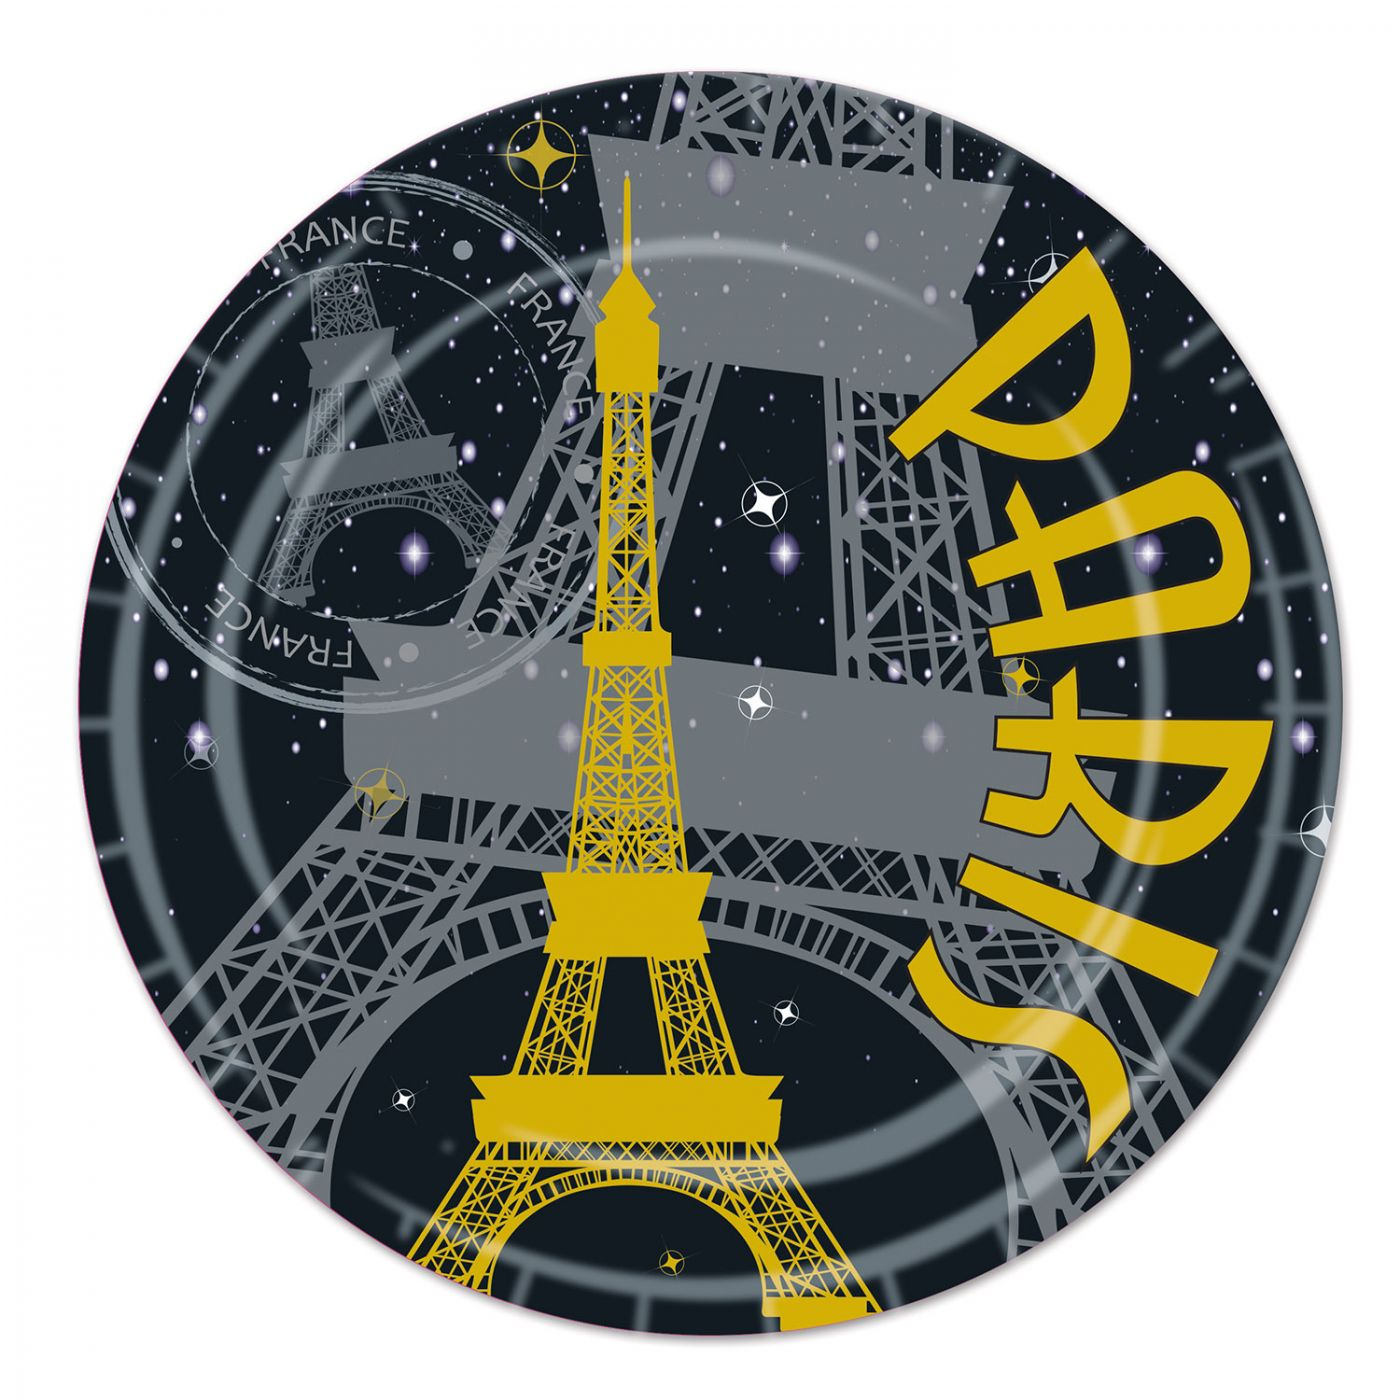 Paris Plates image